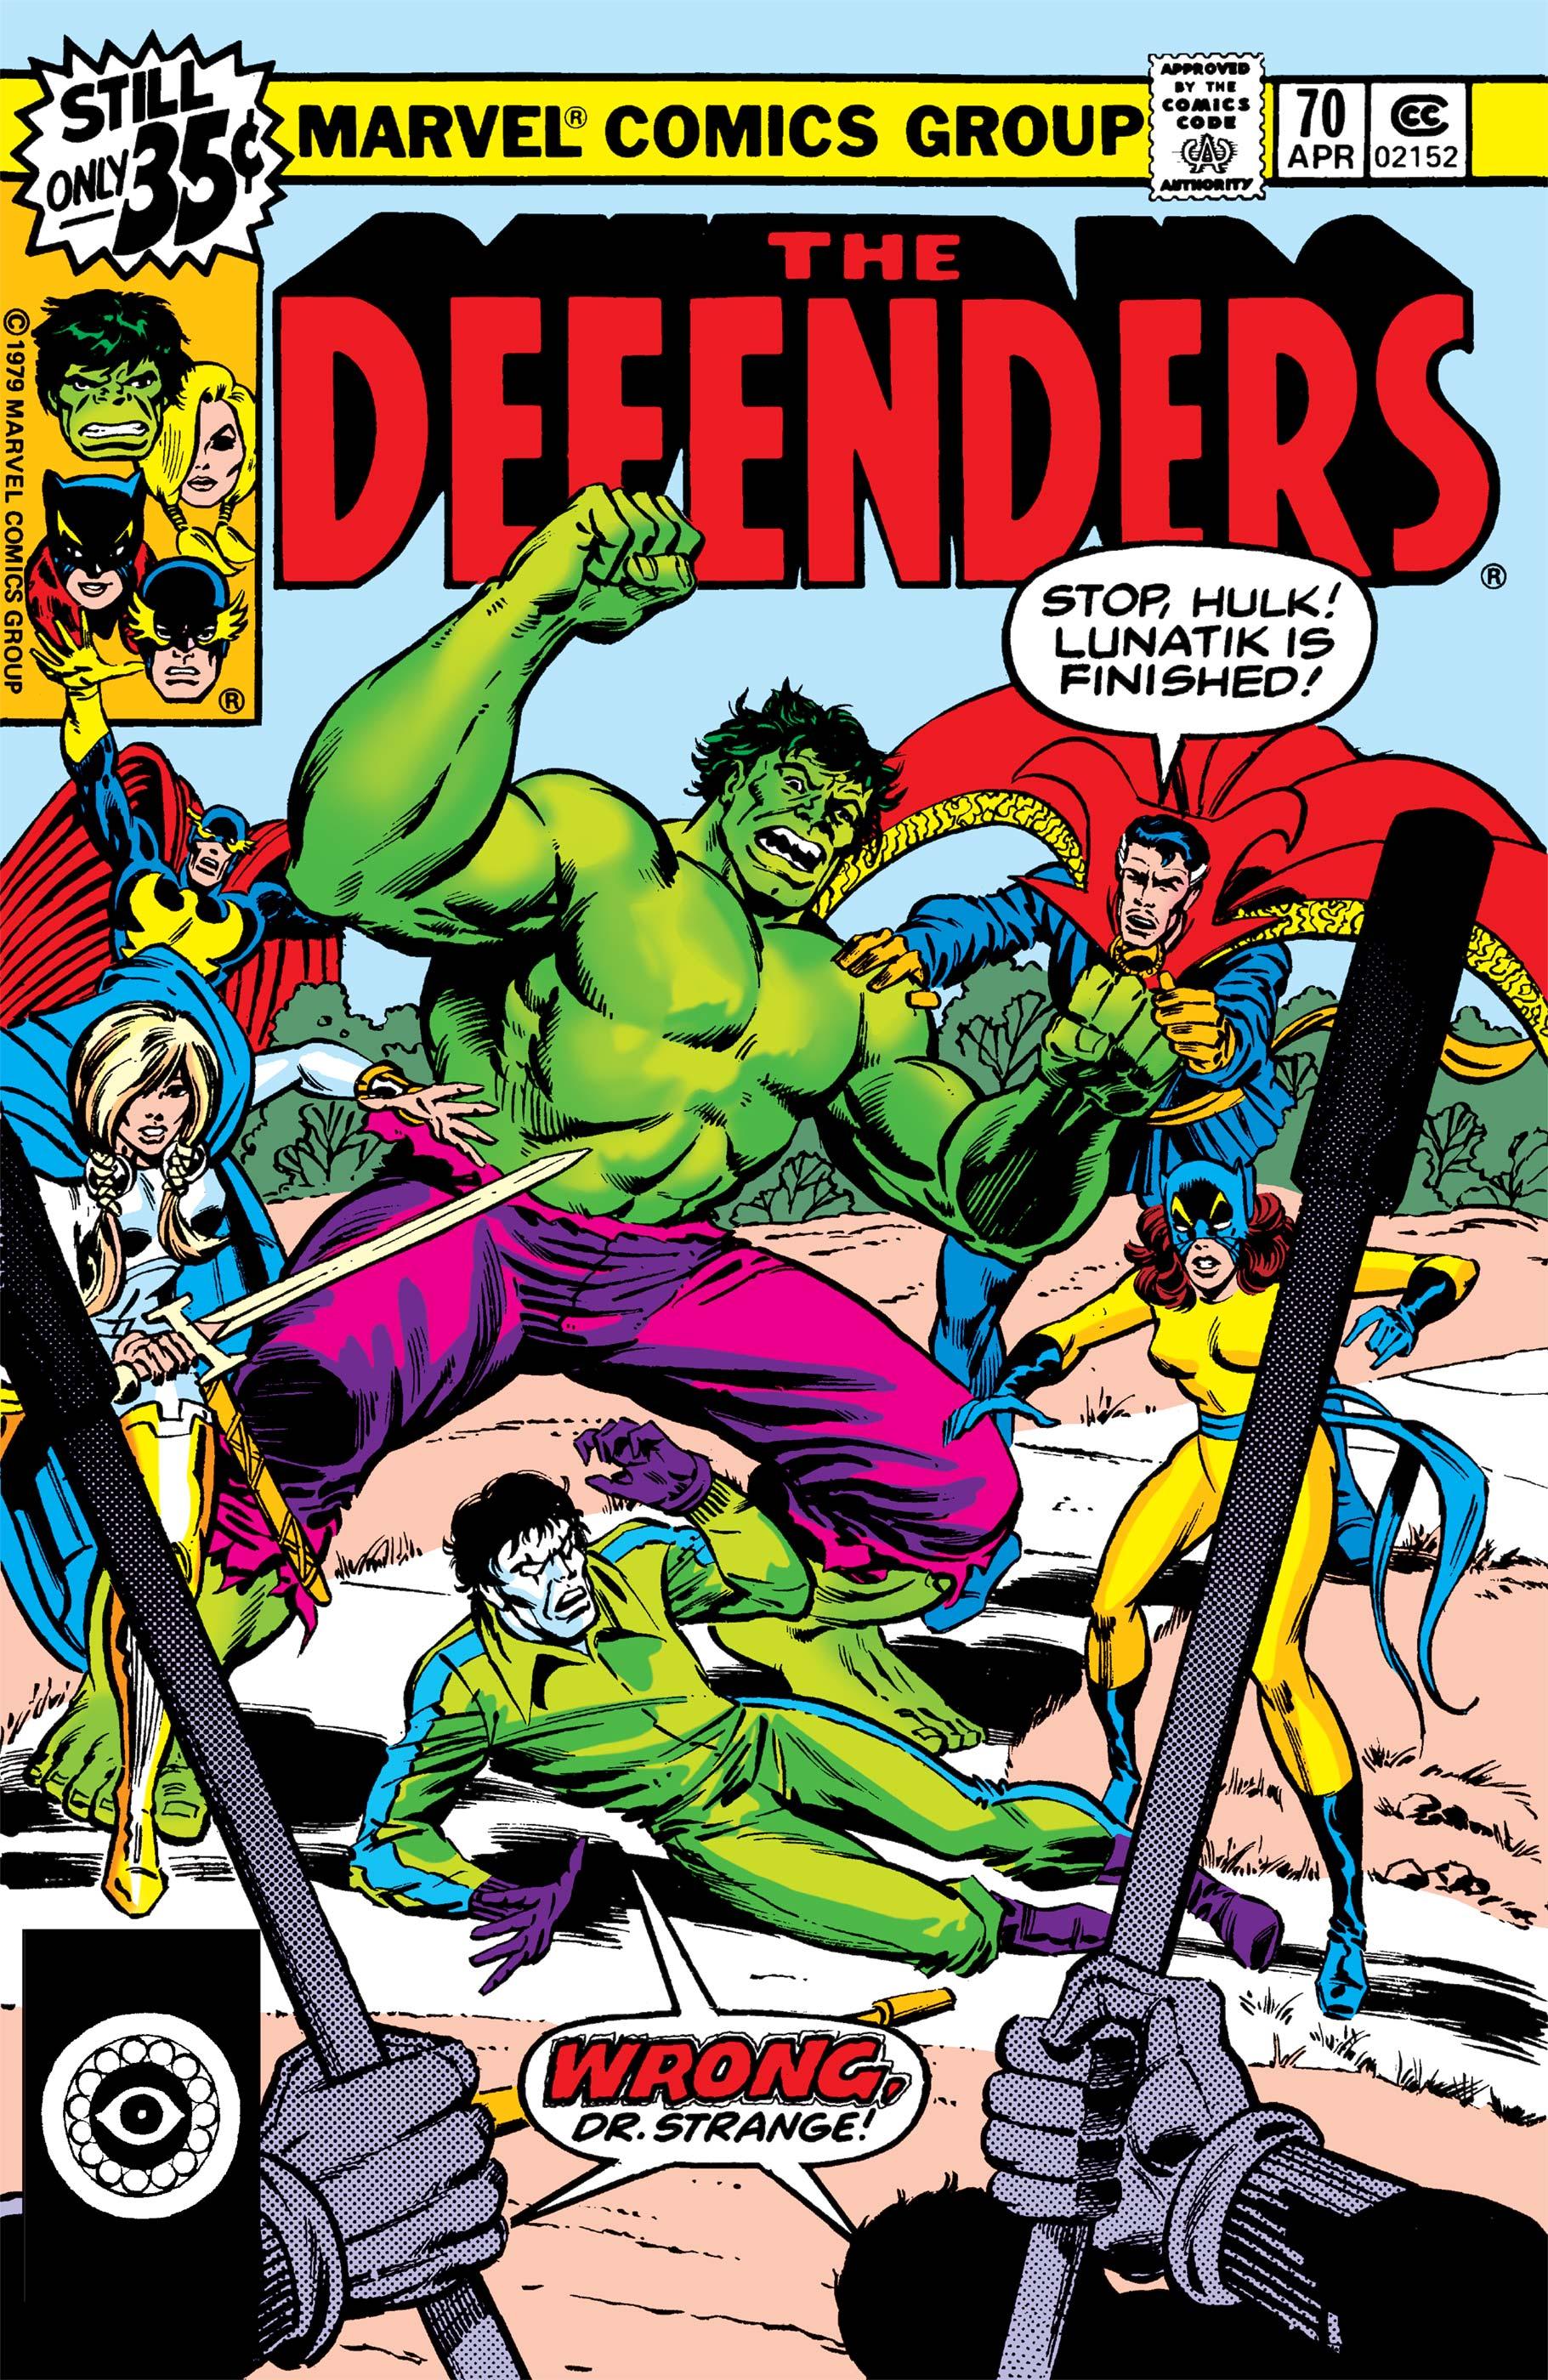 Defenders (1972) #70